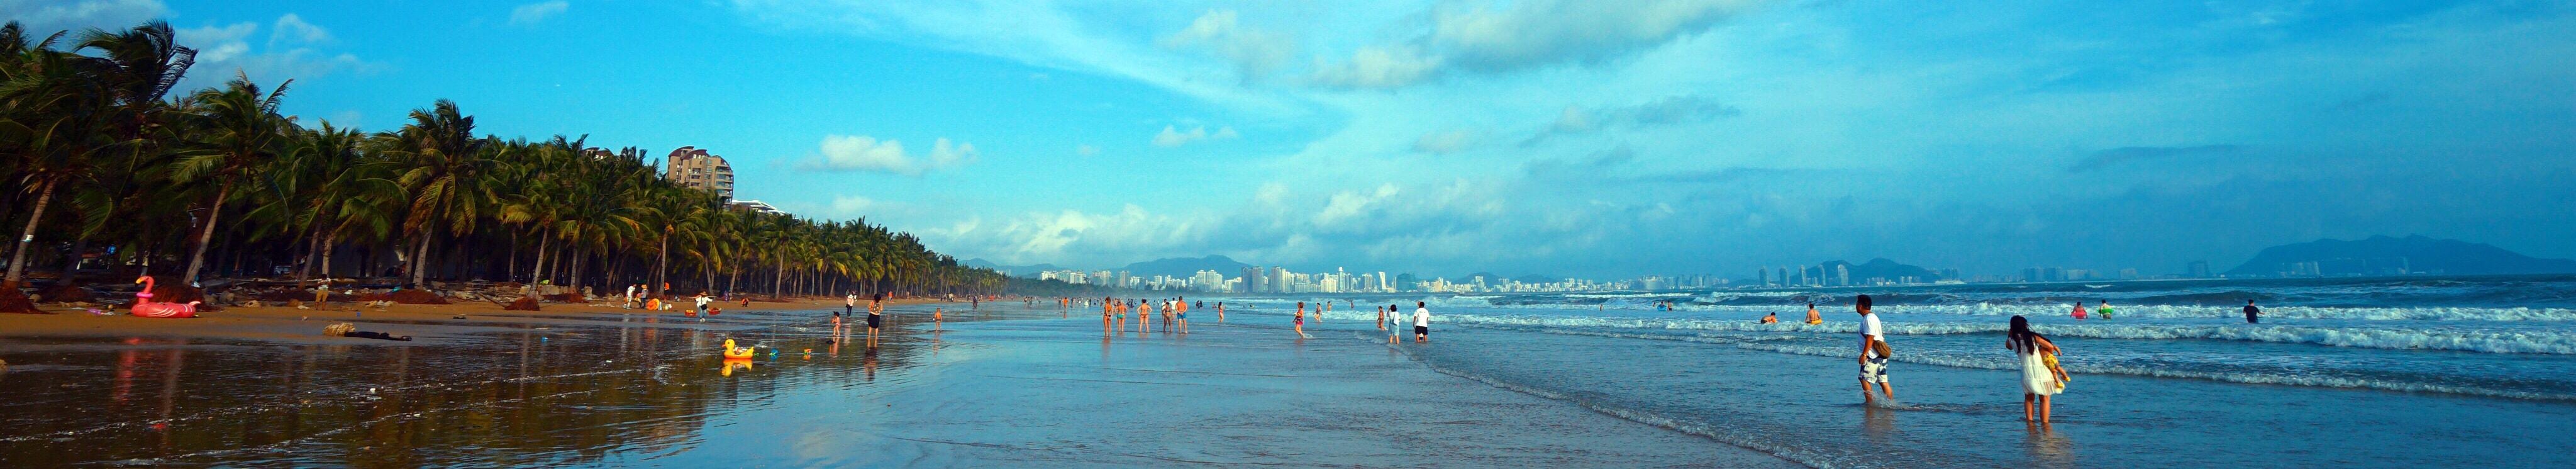 Восточные Гавайи <br> Пекин — Сиань — Санья — Шанхай